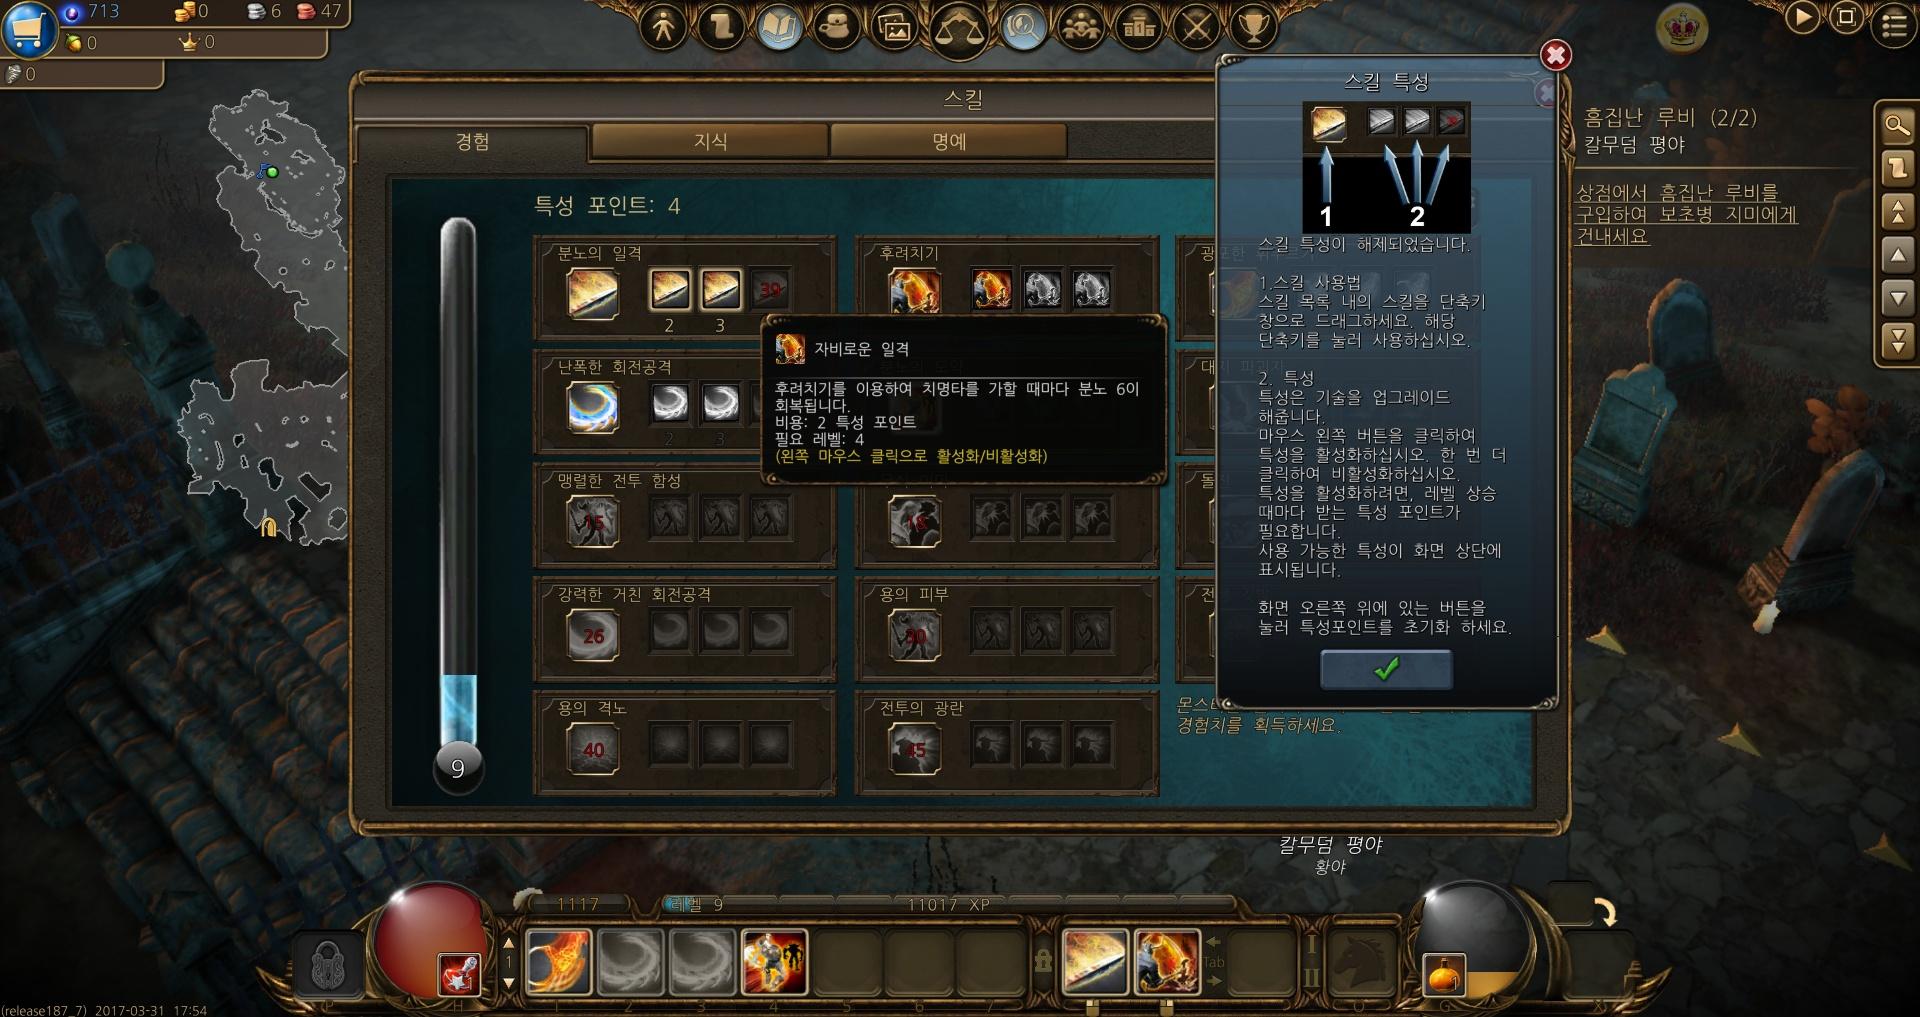 dro_release187_7_13.jpg